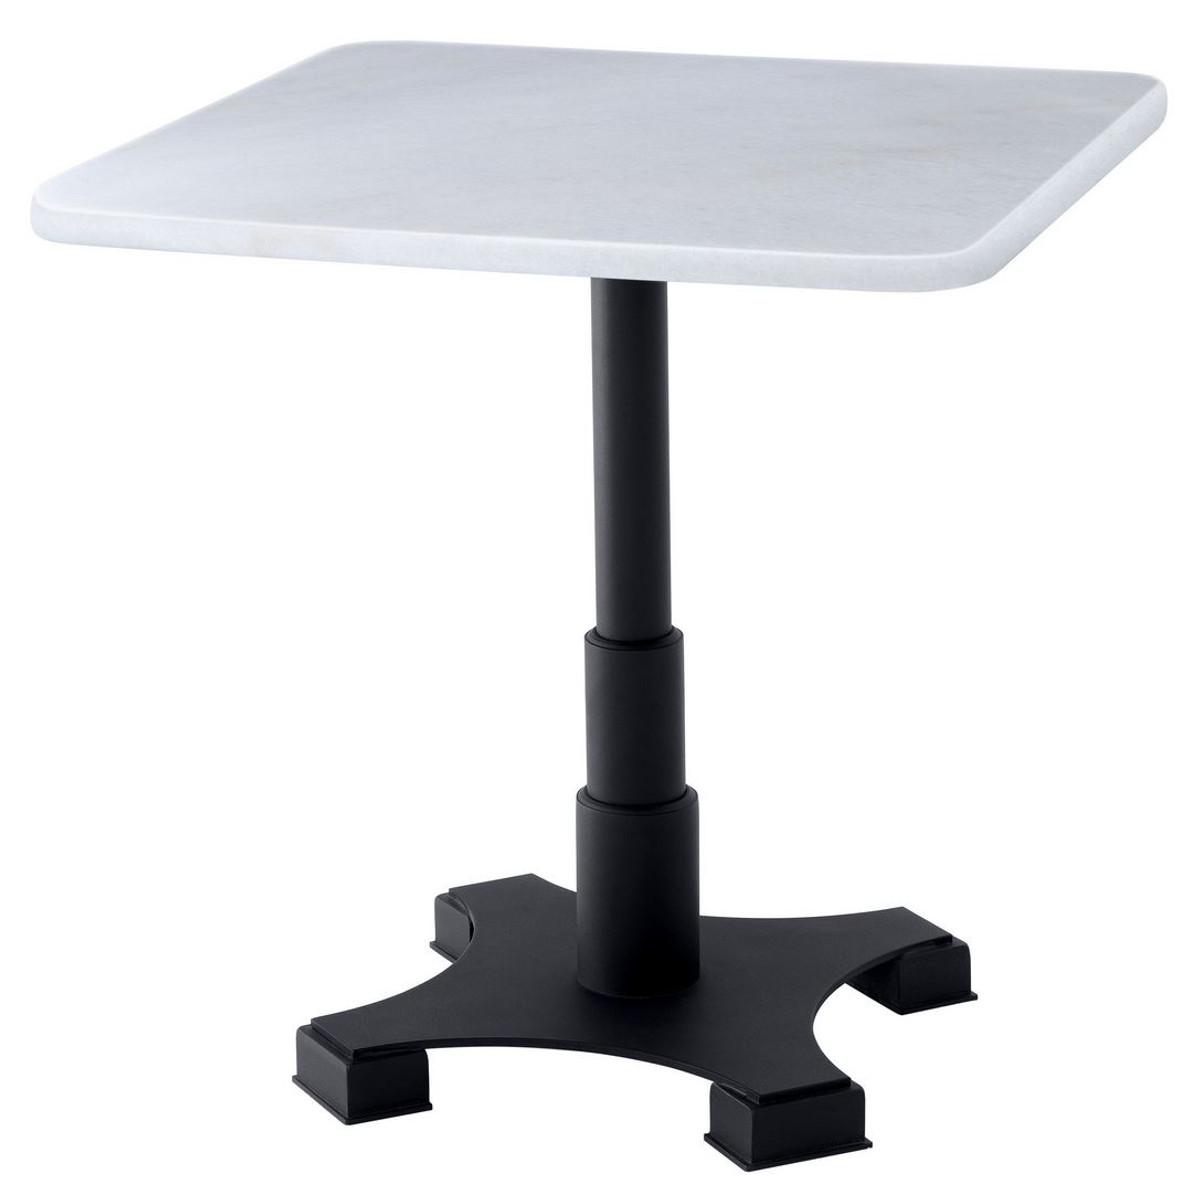 Casa Padrino Luxus Esstisch Weiß Schwarz 75 x 75 x H. 75 cm Küchentisch mit quadratischer Marmorplatte Esszimmer Möbel |